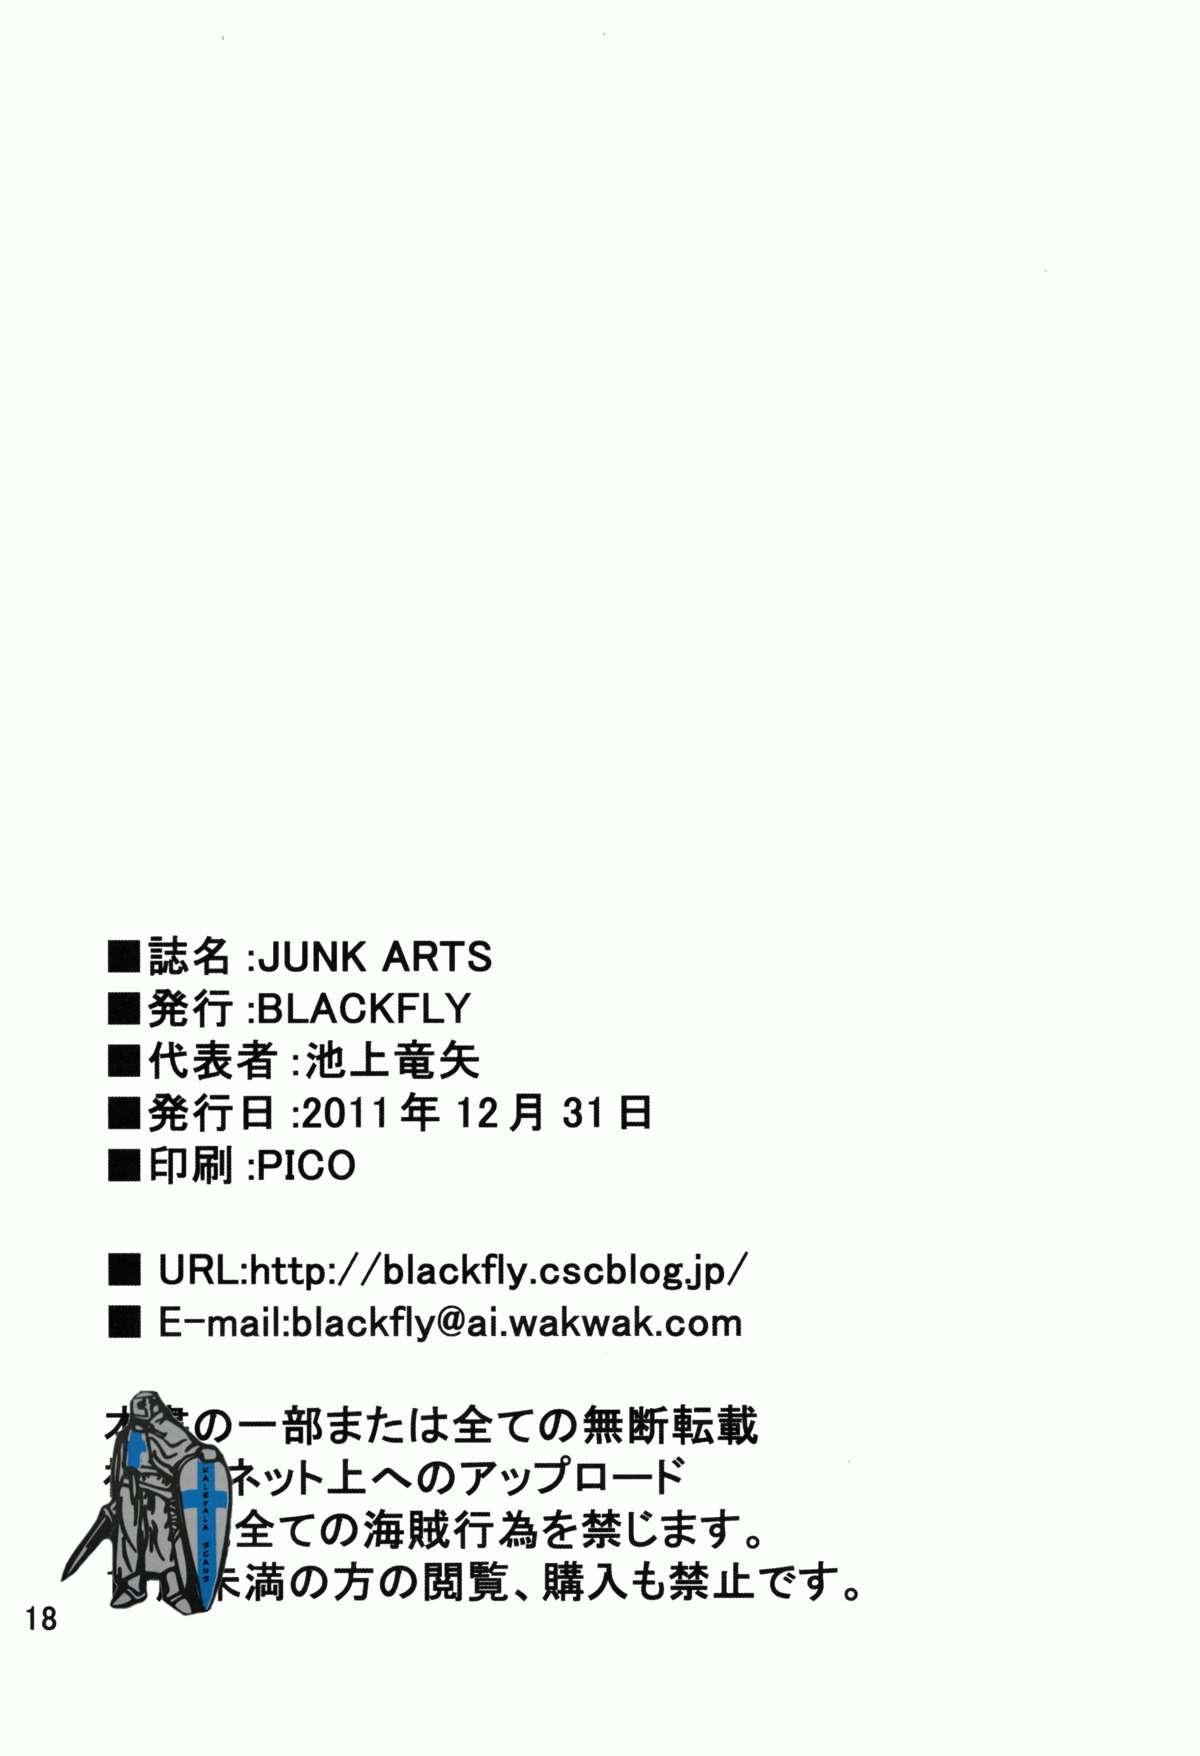 JUNK ARTS 17